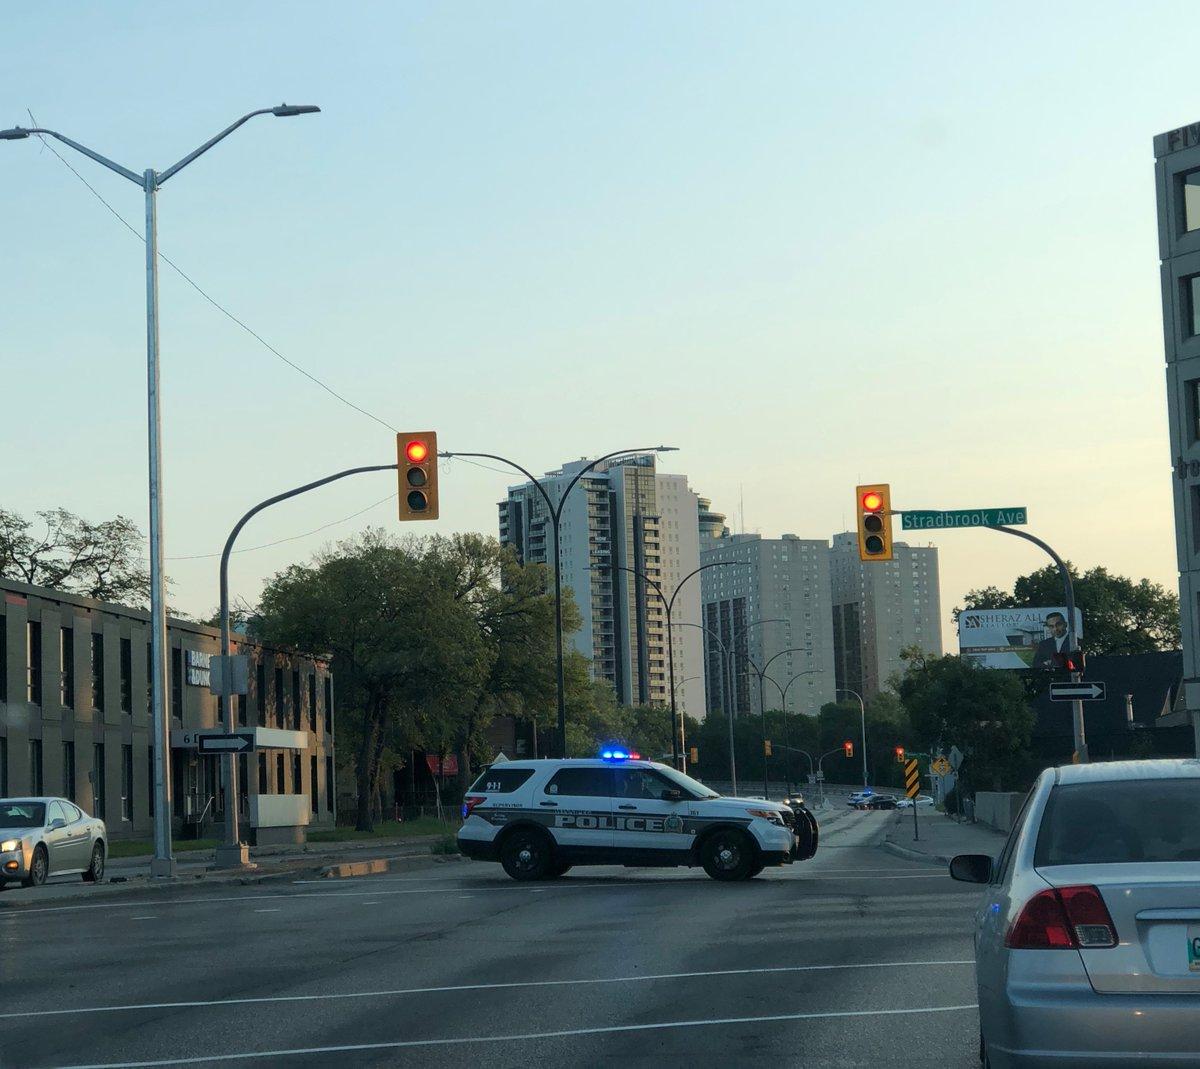 Winnipeg Police on Twitter: